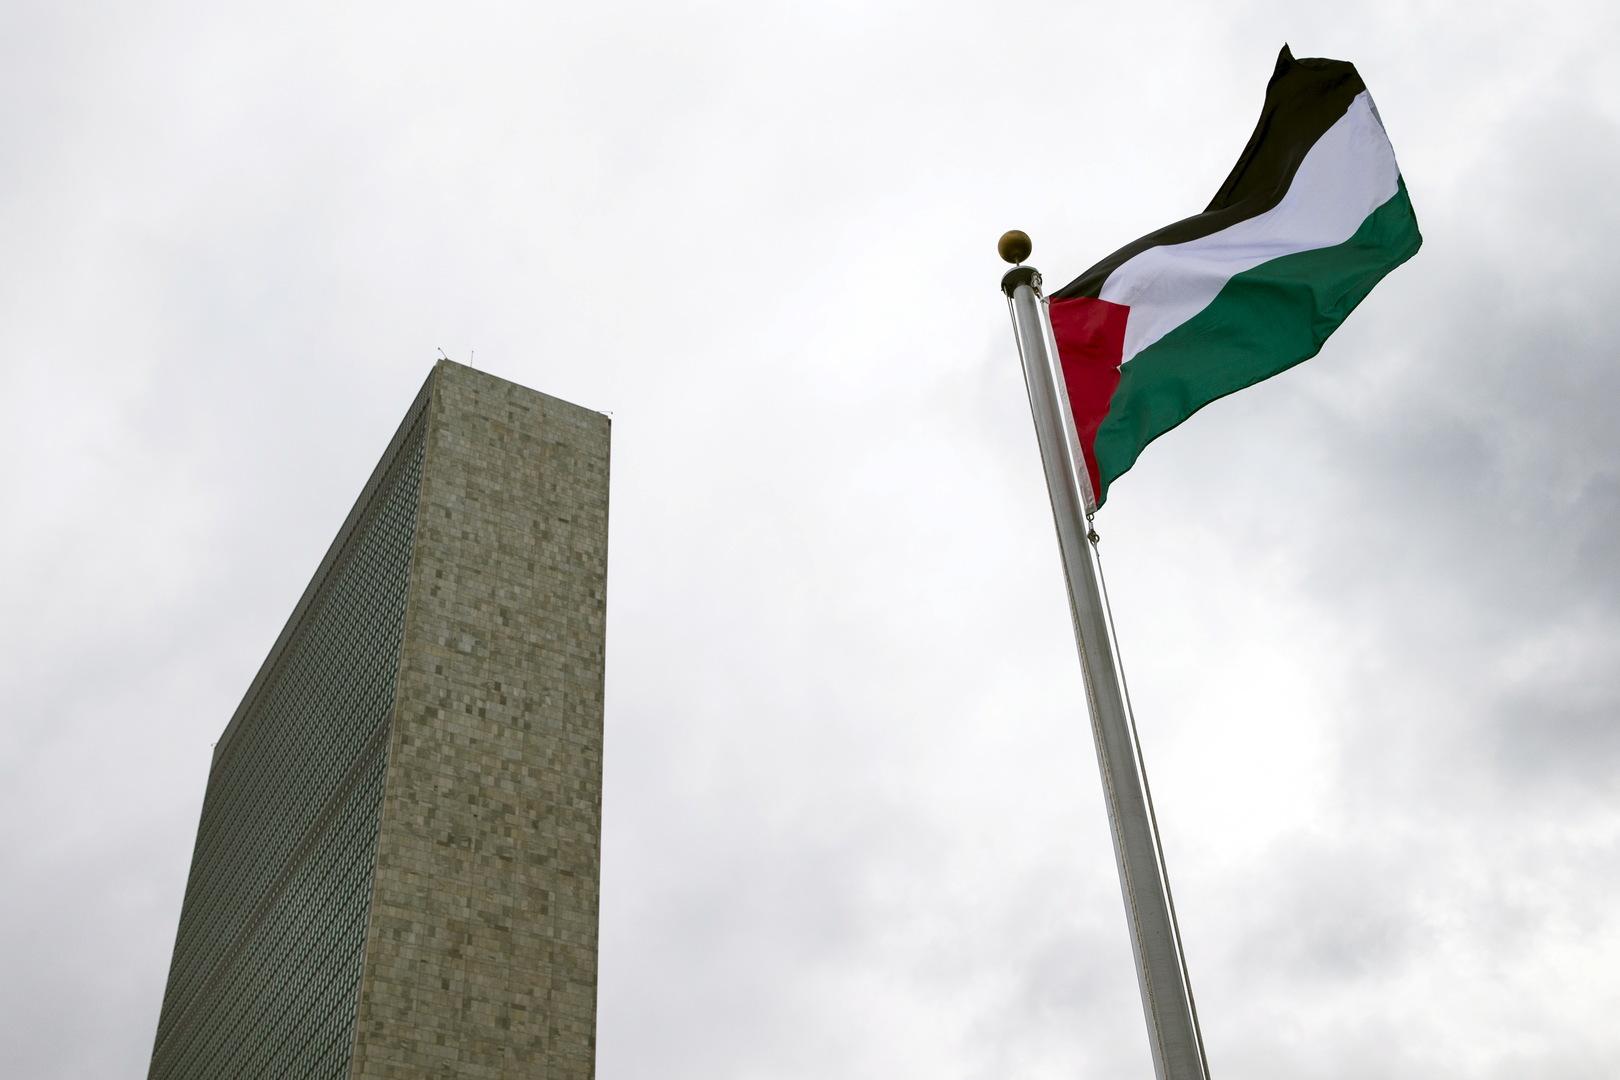 Den første død på grund af koronavirus blev registreret i de palæstinensiske områder